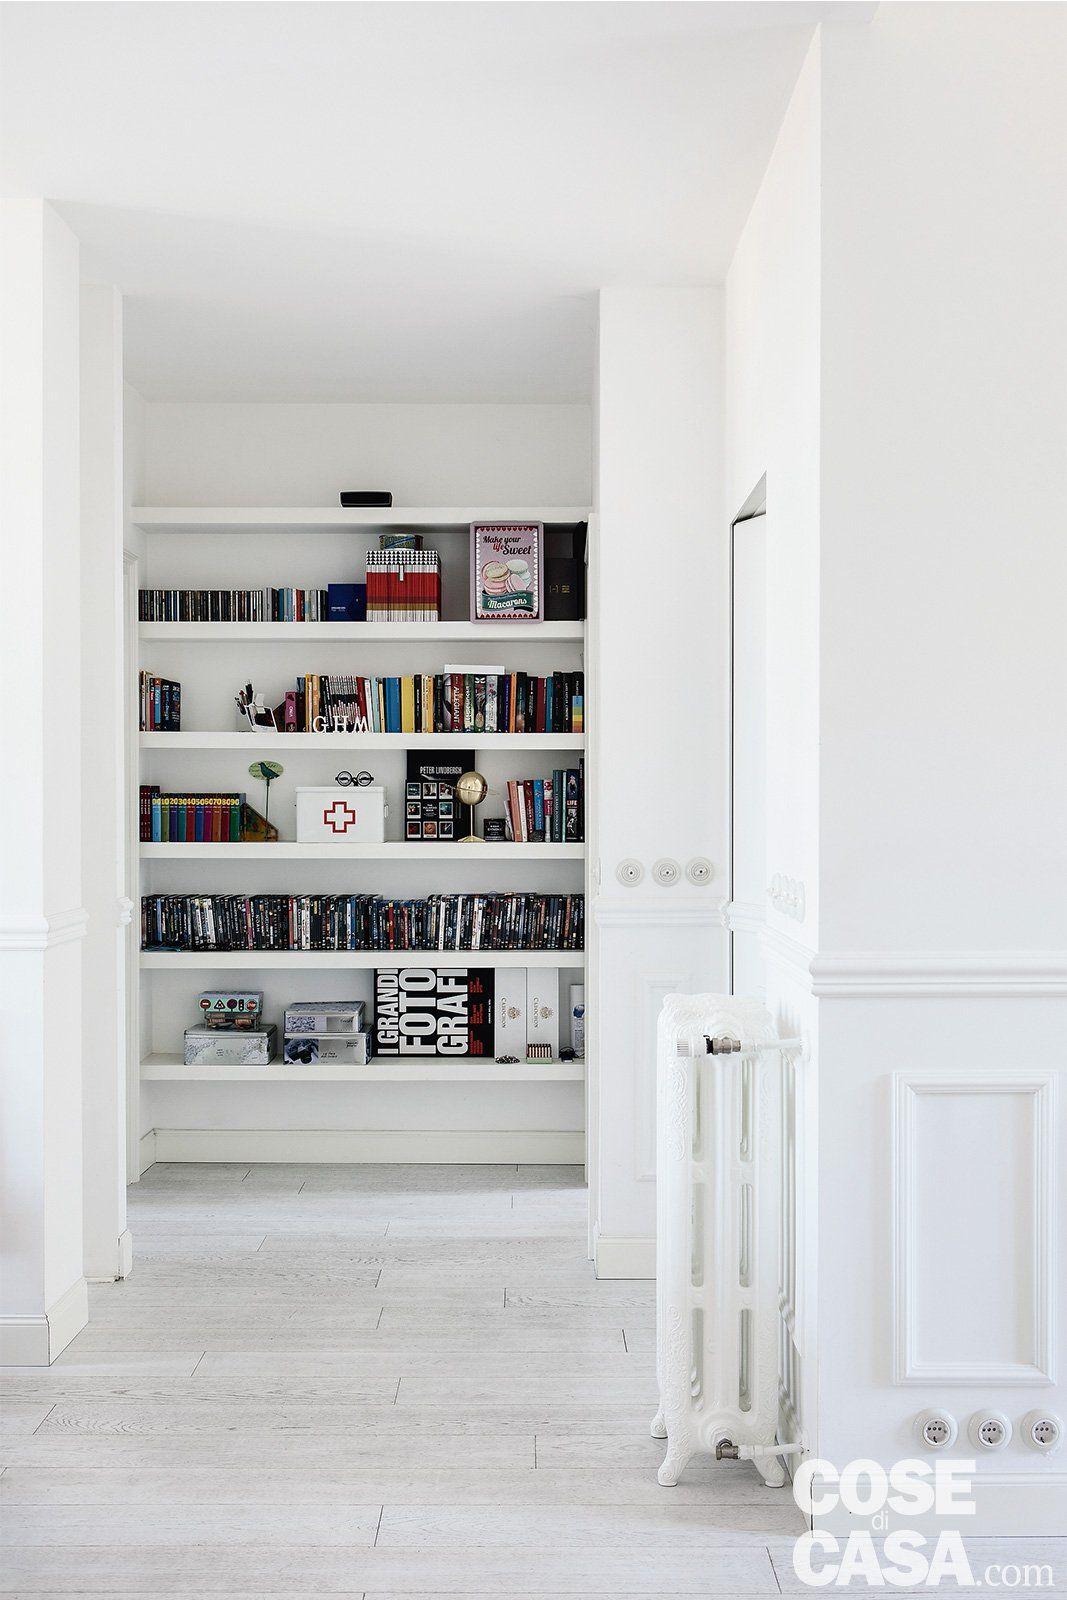 85 mq: una casa in stile classico contemporaneo | essential ...